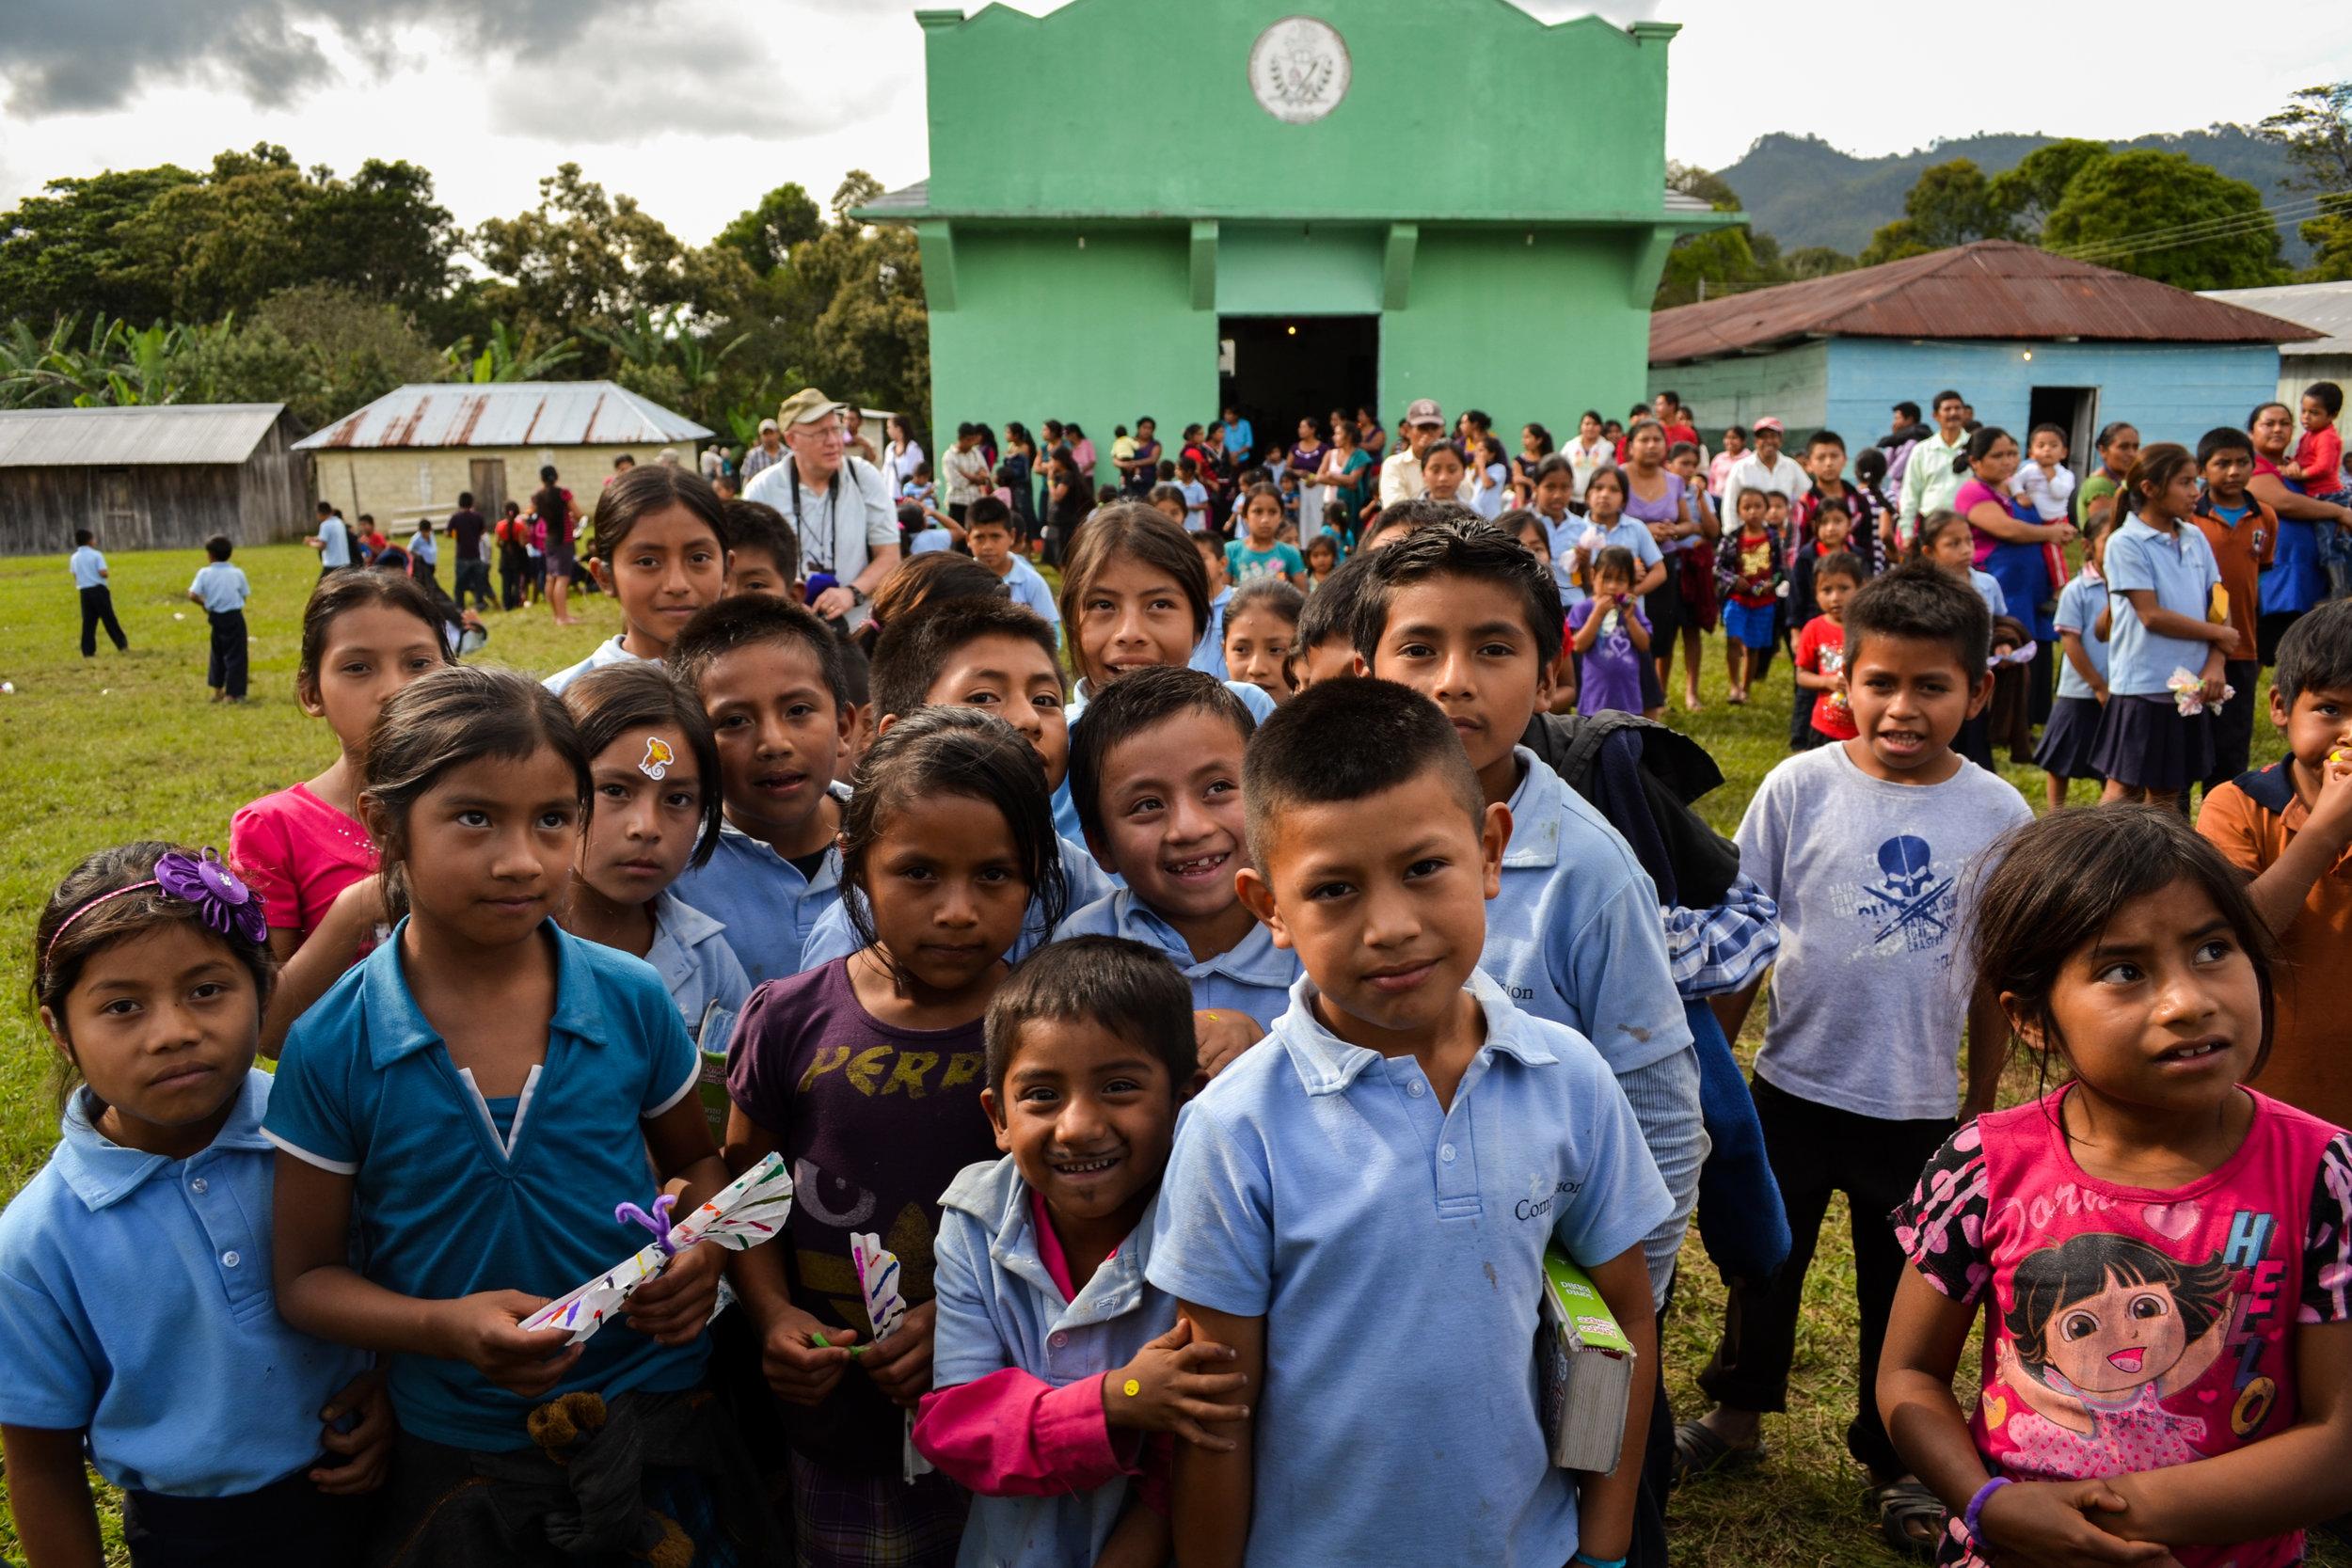 Compassion center in Chiapas Mexico